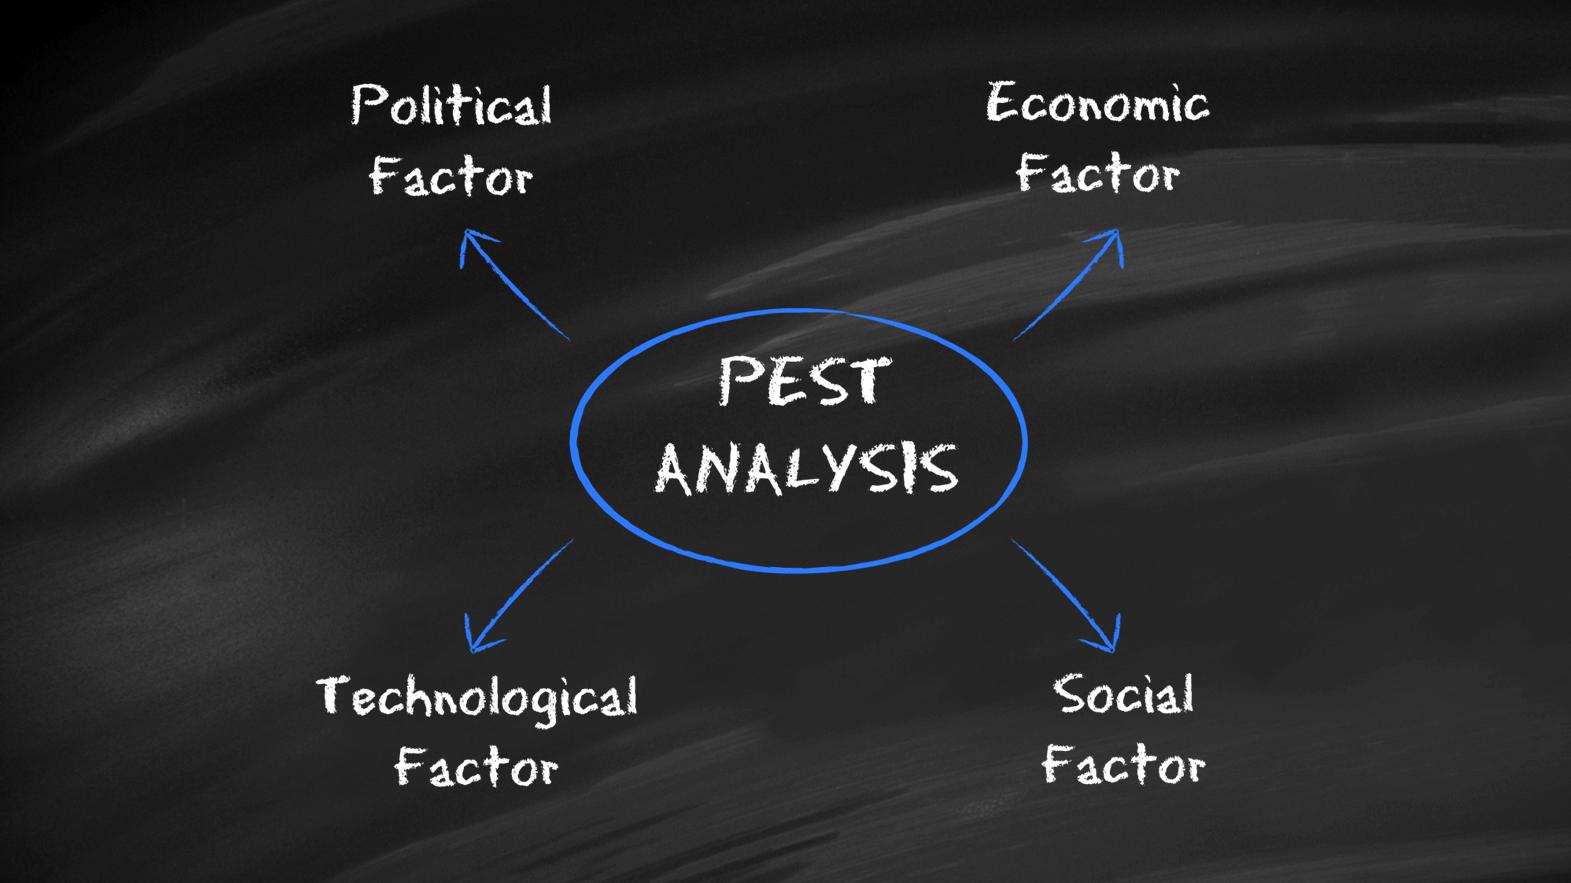 تحلیل PEST چیست و چه کاربردی در مدیریت کسبوکار دارد؟